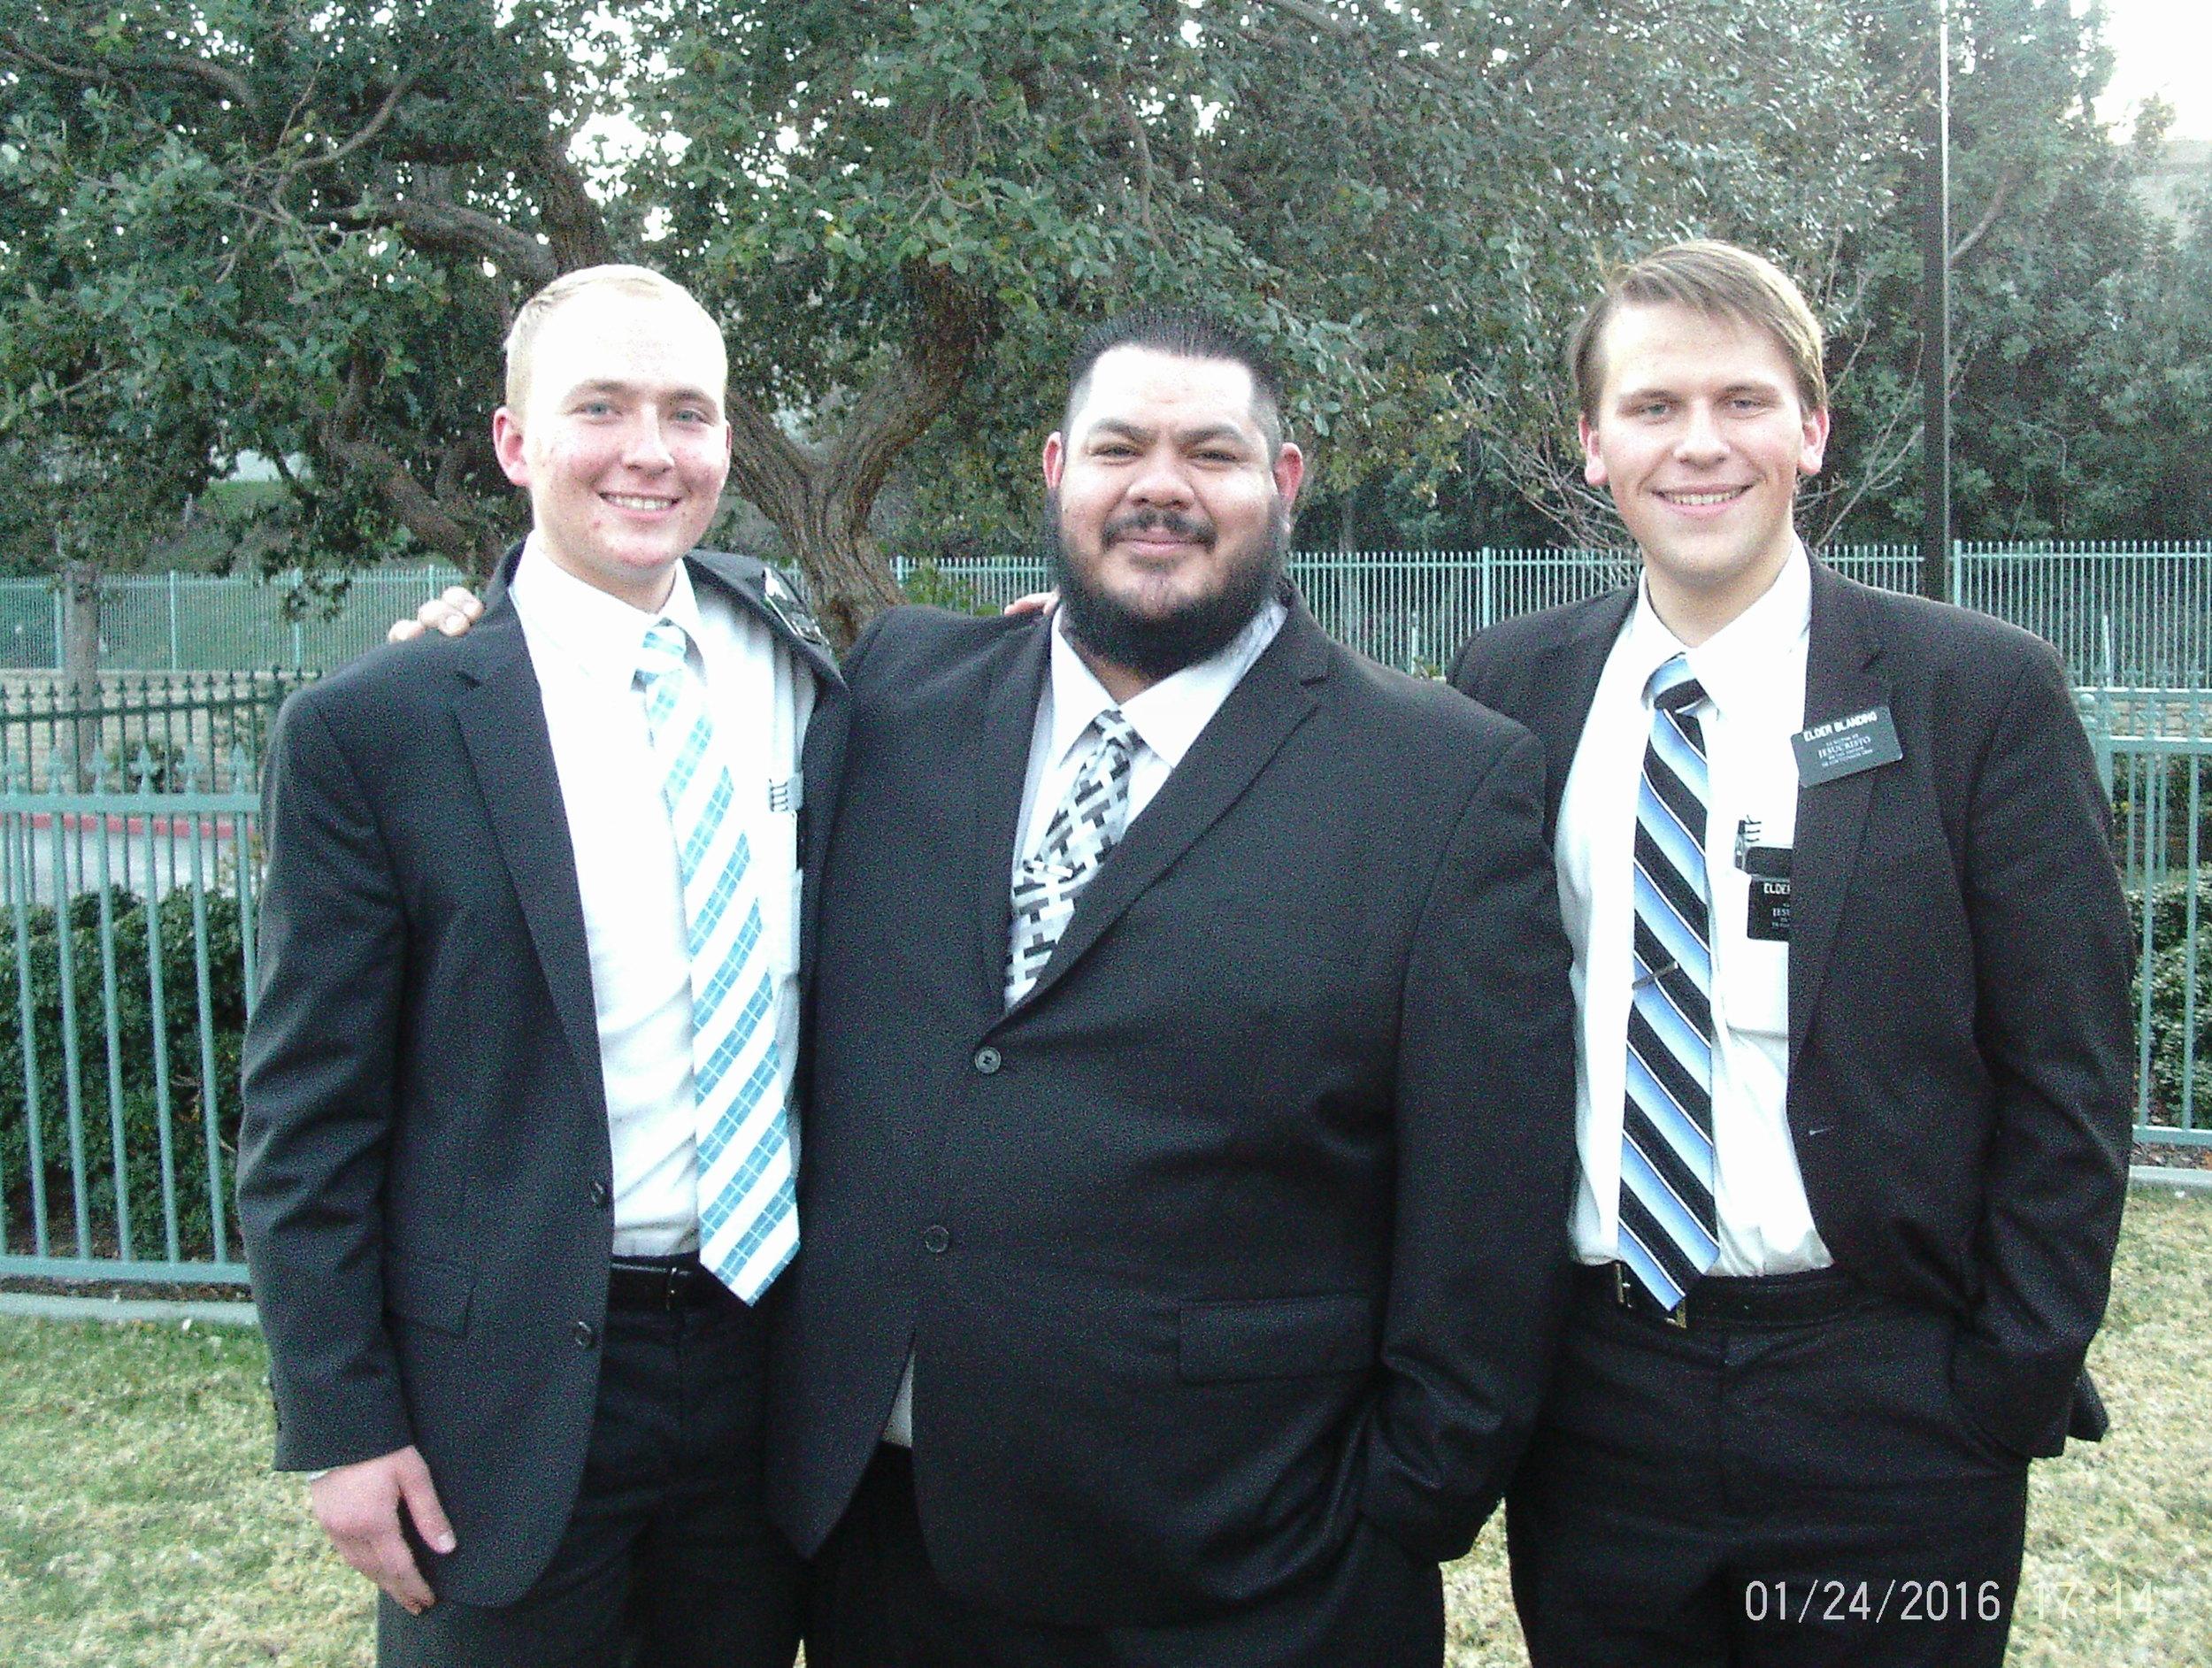 Elder Jager and Elder Michael Blanding